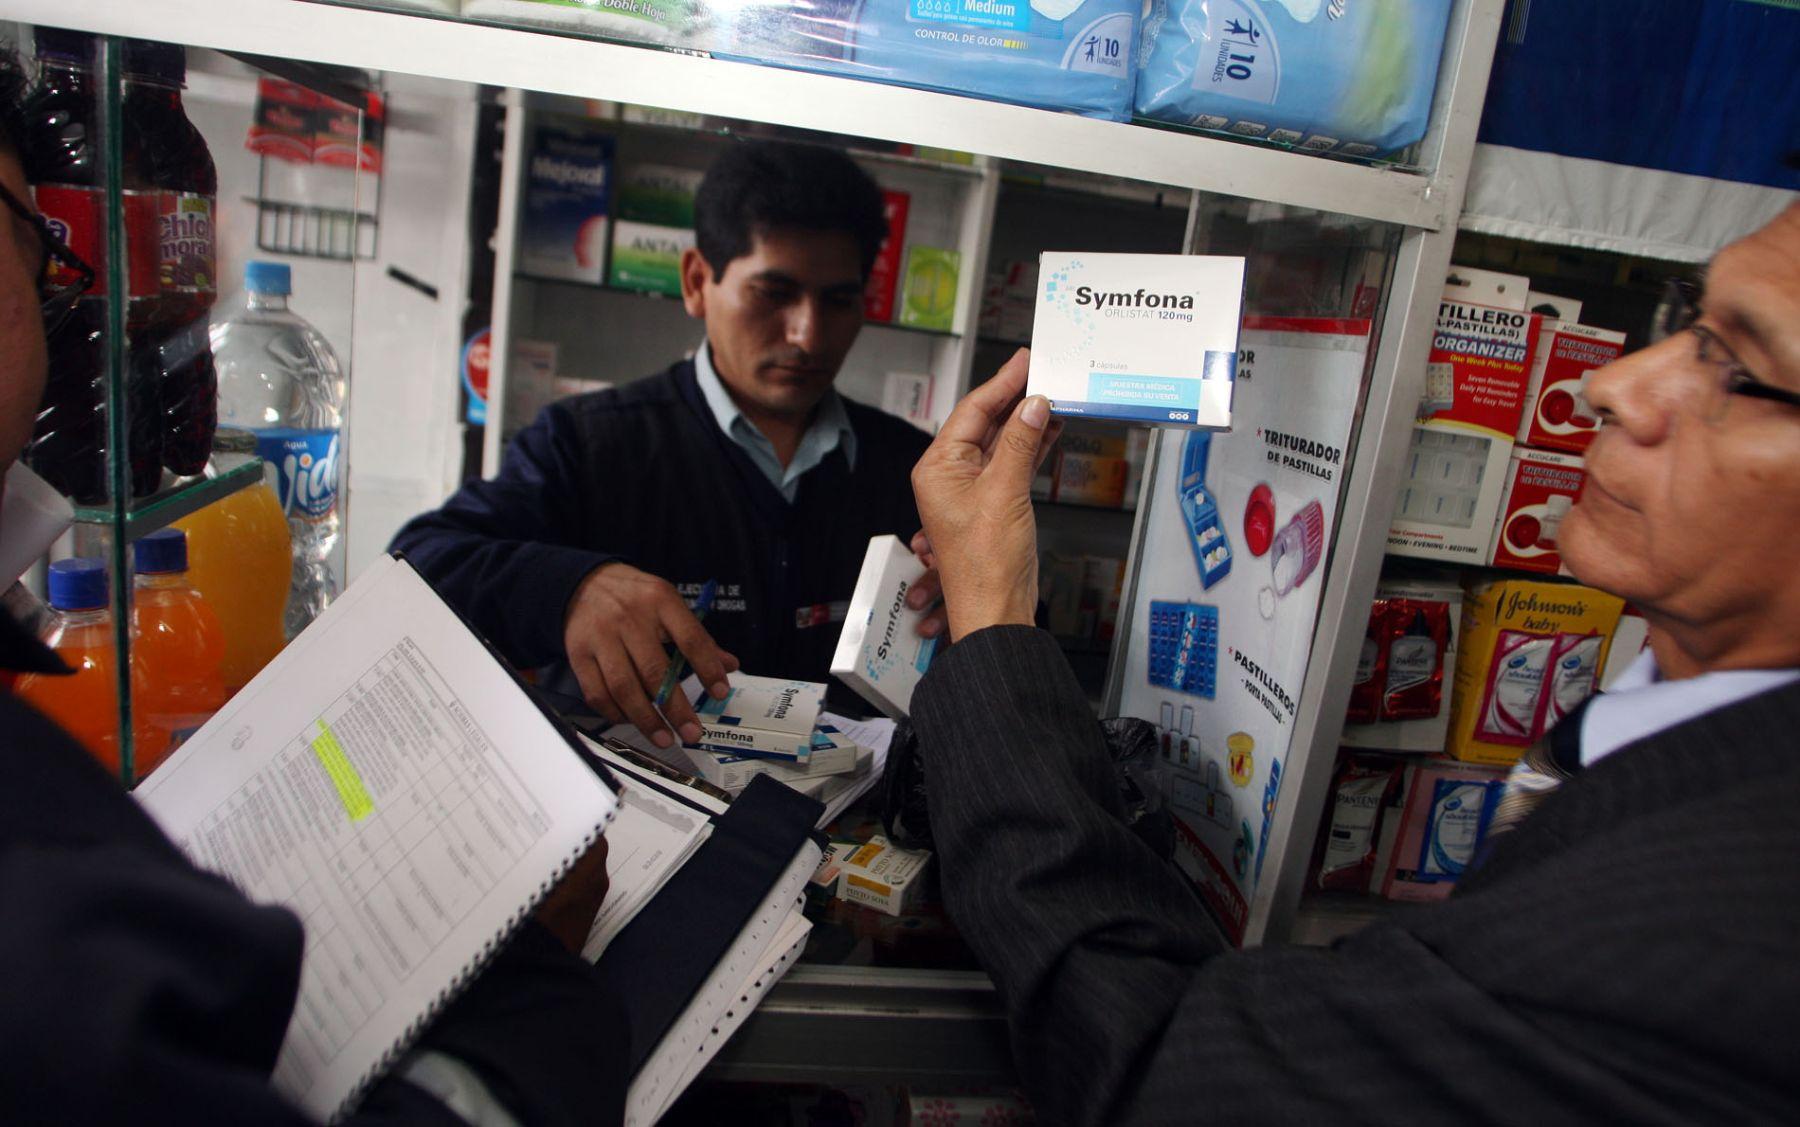 Dirección General de Medicamentos, Insumos y Drogas (Digemid) realiza control de venta de medicanientos en buen estado en farmacías de Magdalena. Foto: ANDINA/Gustavo Sánchez.